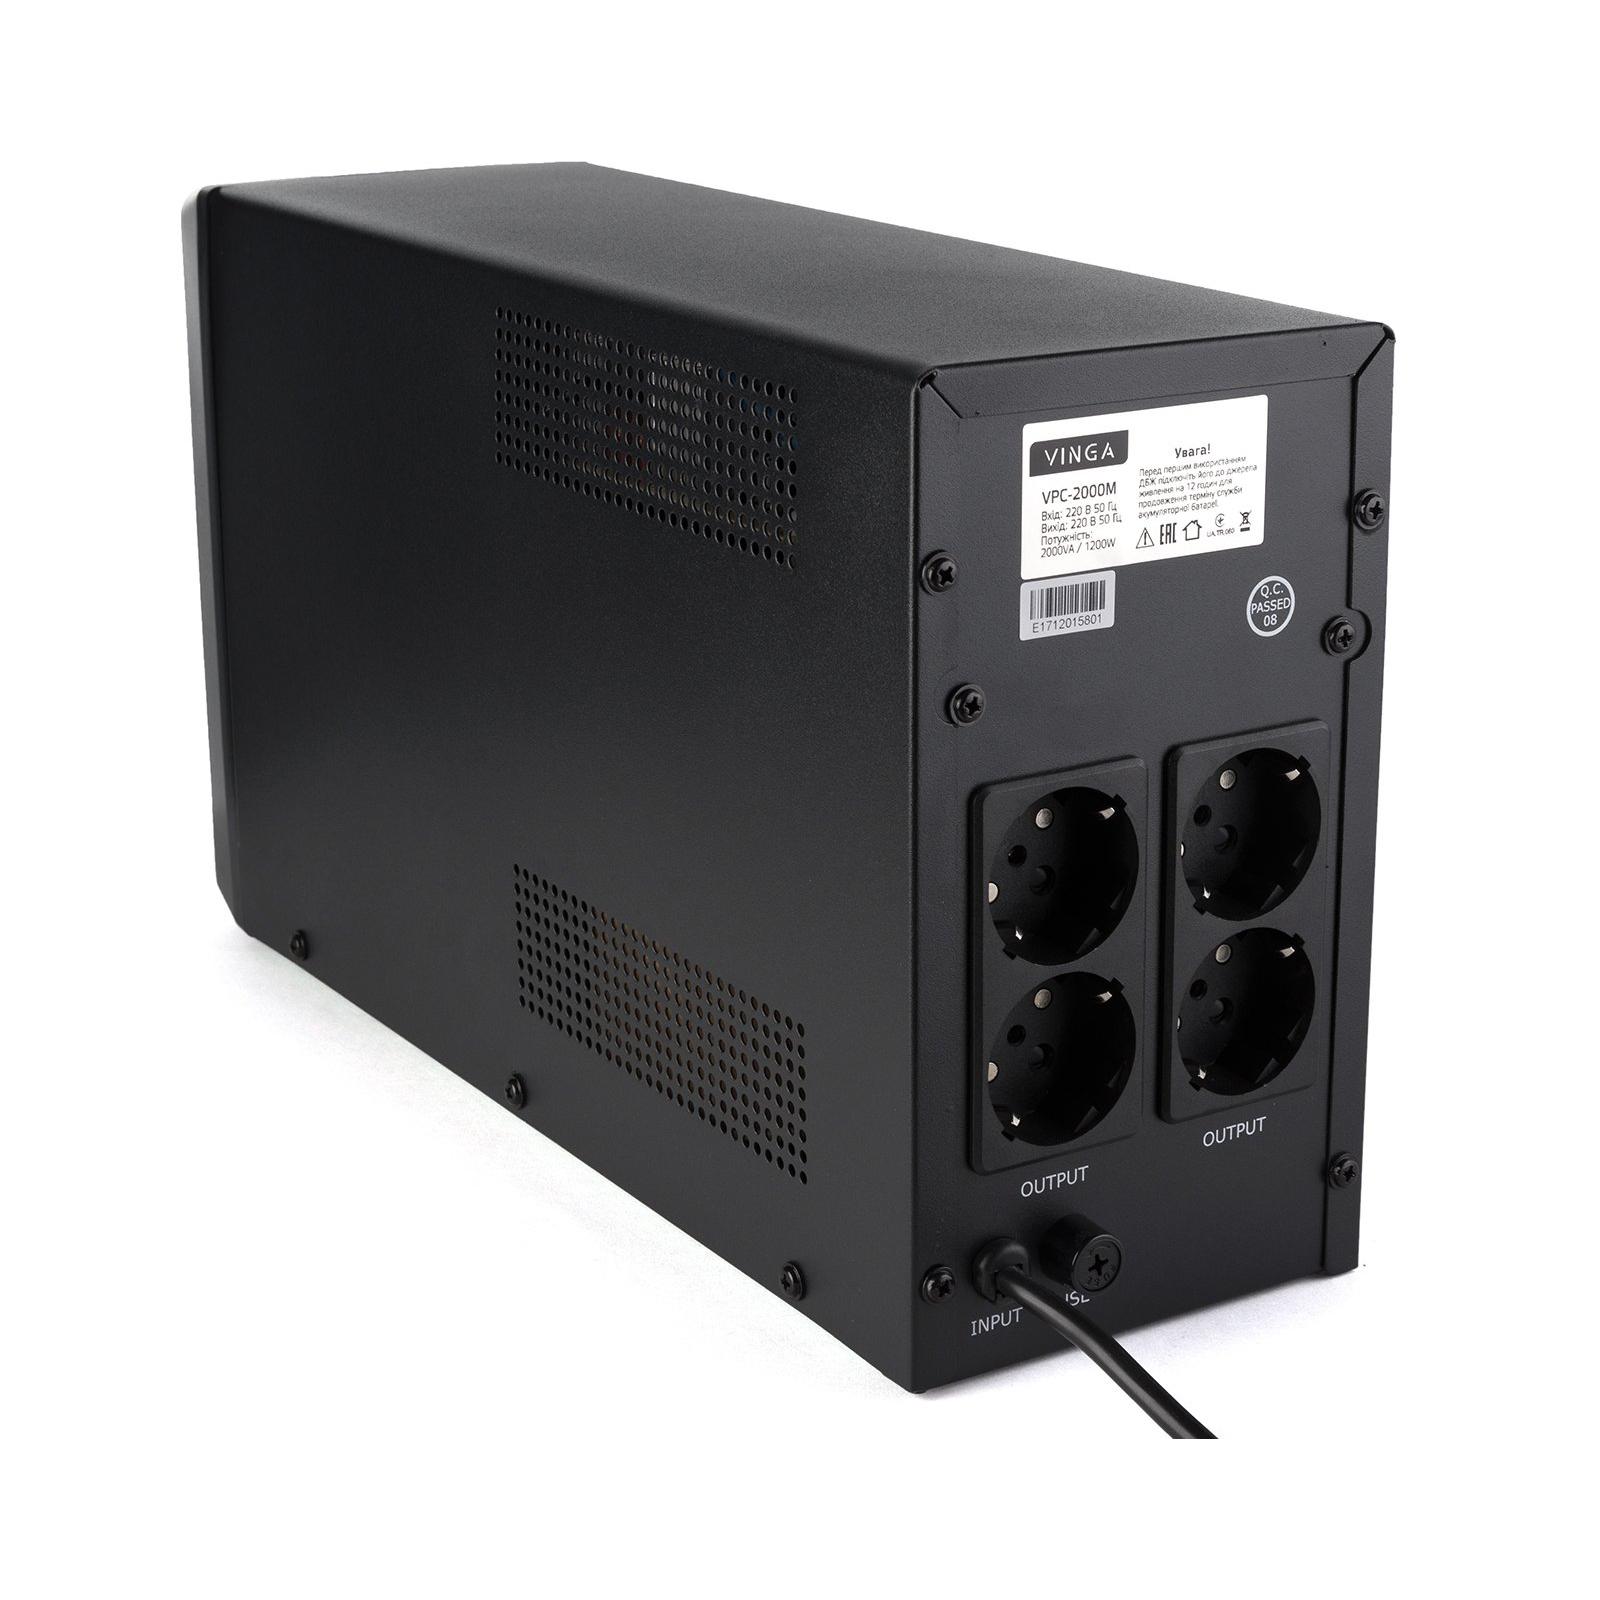 Источник бесперебойного питания Vinga LCD 2000VA metall case (VPC-2000M) изображение 10